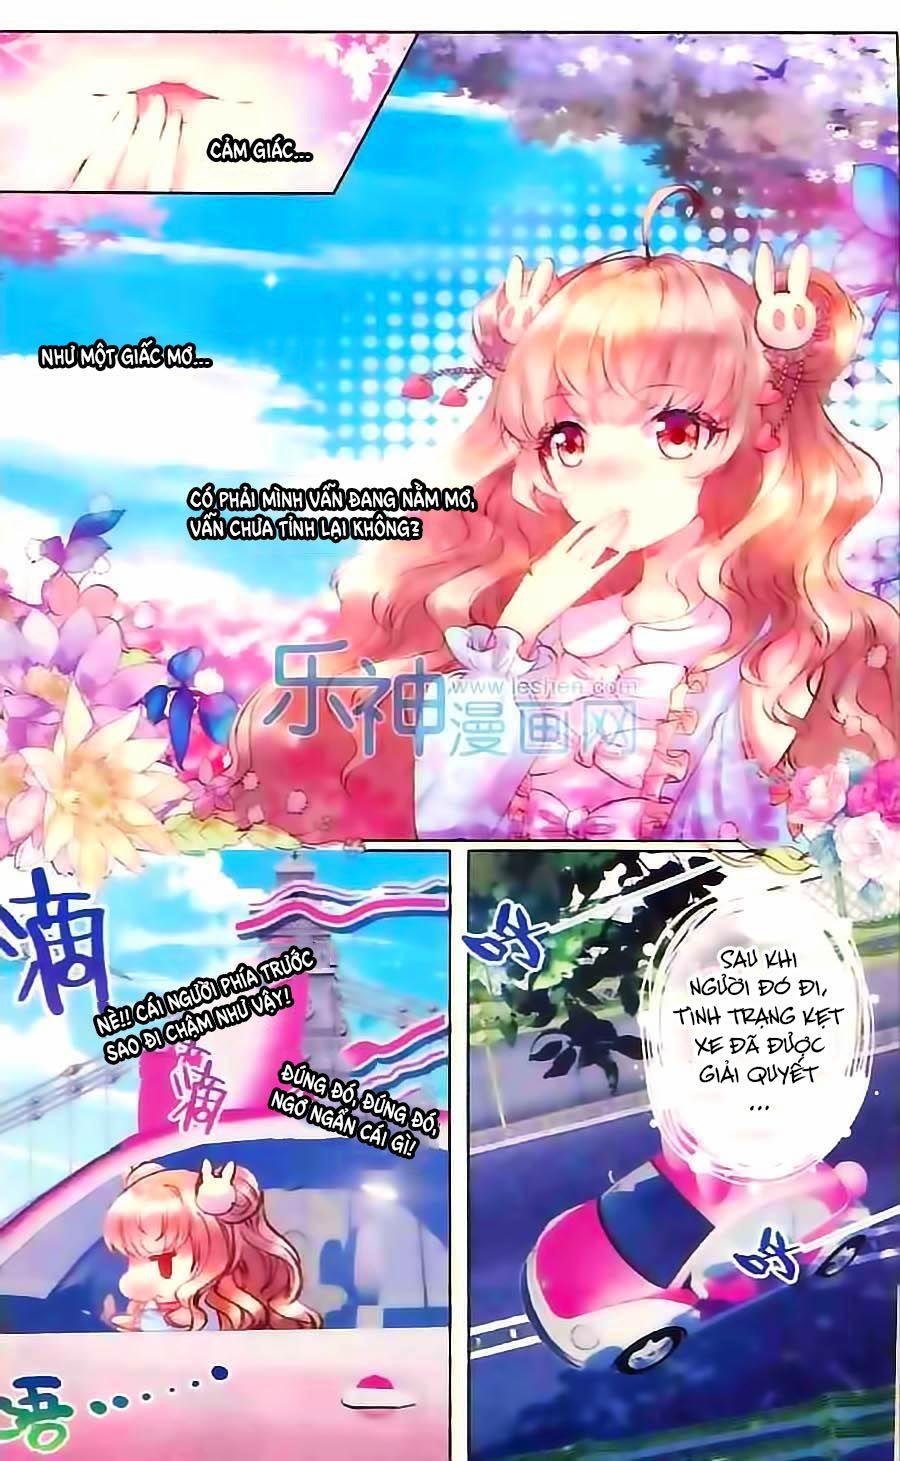 tonguethaid.com 101 sủng vật tình nhân chap 2